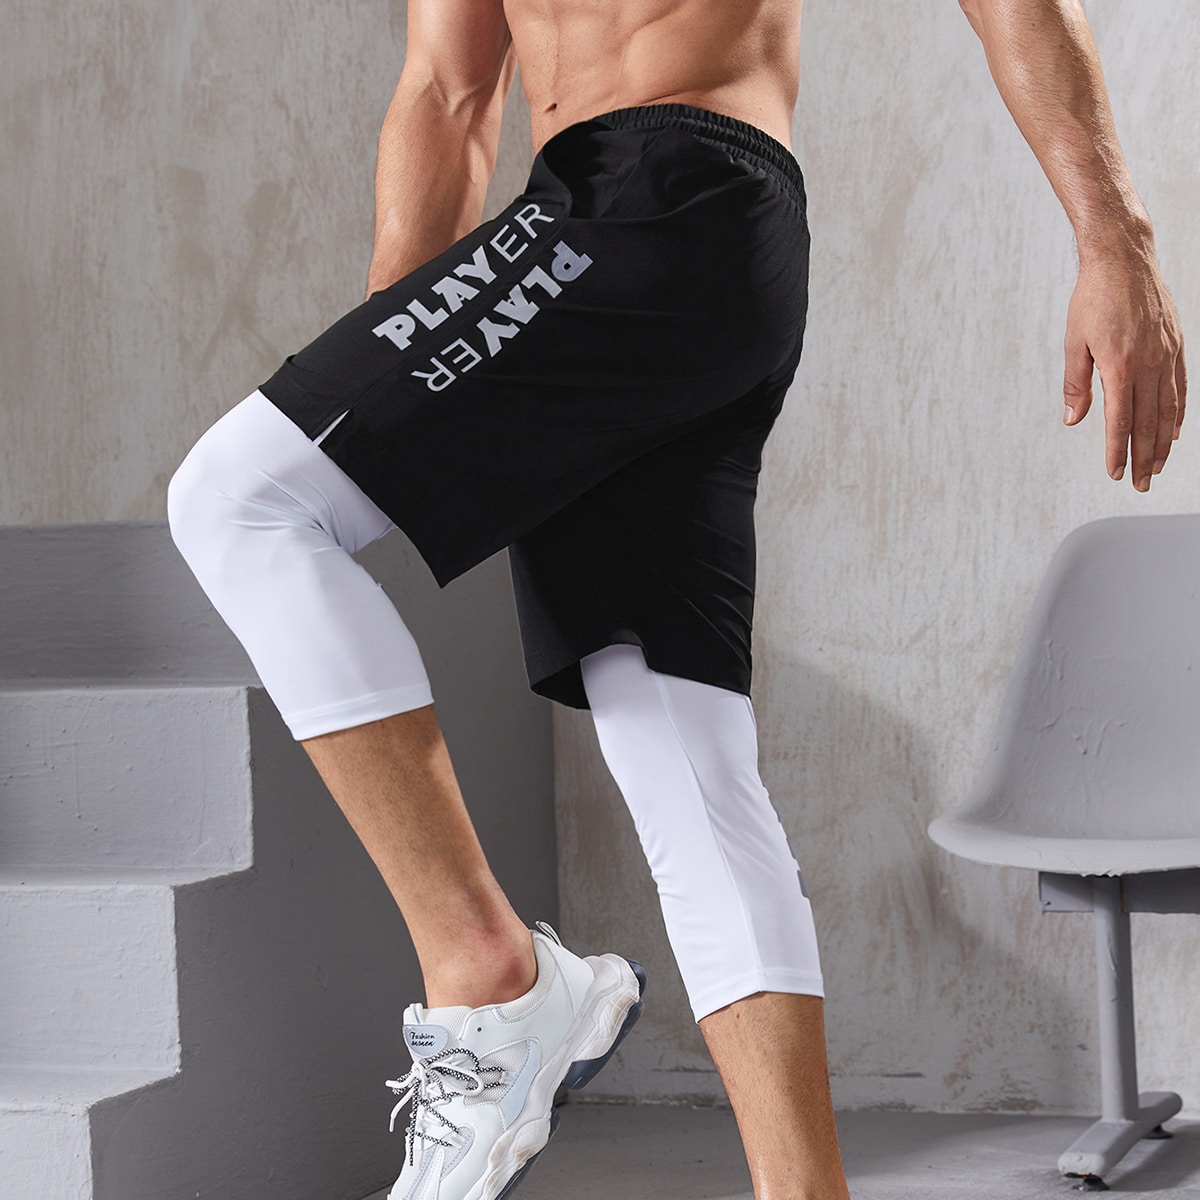 Мужские леггинсы с надписью 2 в 1 для йоги